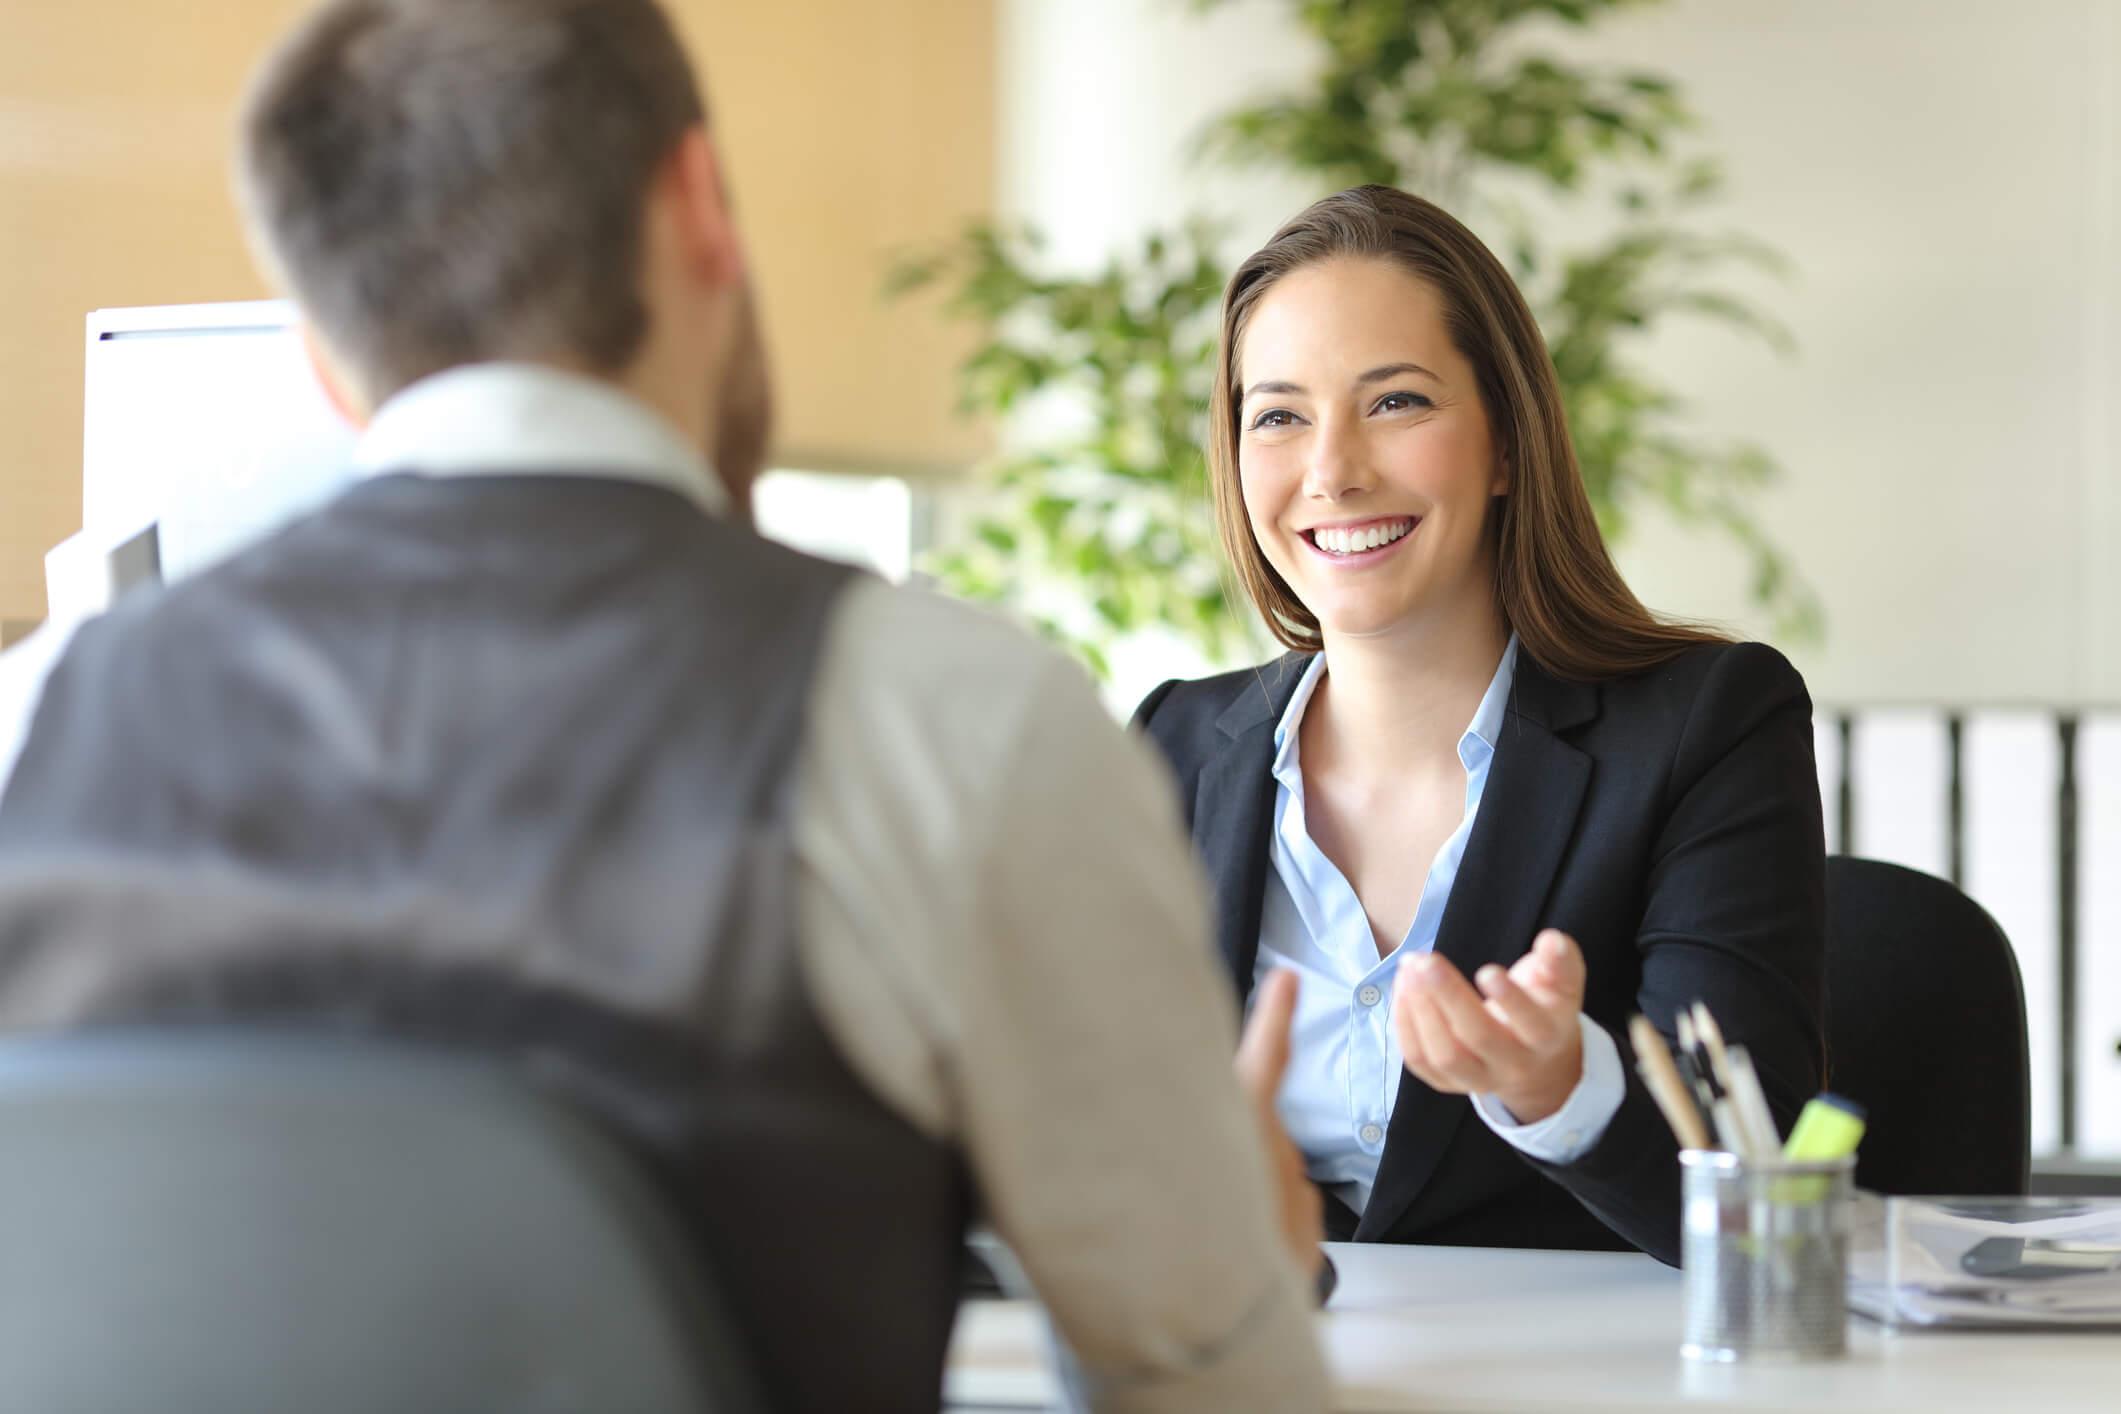 מה ההבדל בין ביטוח מנהלים וקרן פנסיה (1)